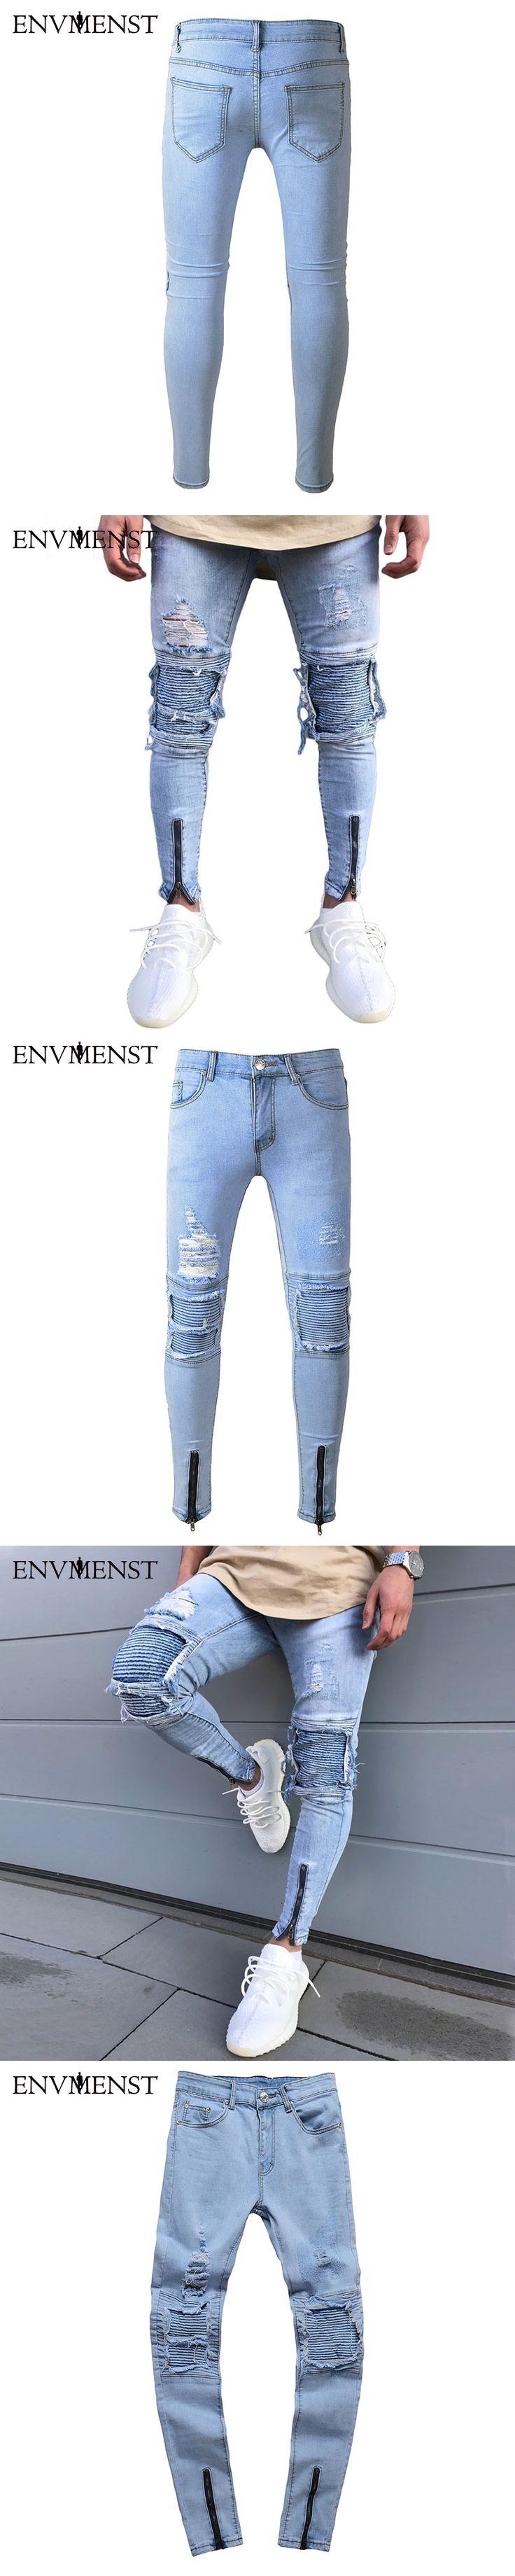 2017 Envmenst Brand Designer Slim Fit Ripped Jeans Men Hi-Street Mens Distressed Denim Joggers Knee Holes Washed Destroyed Jeans